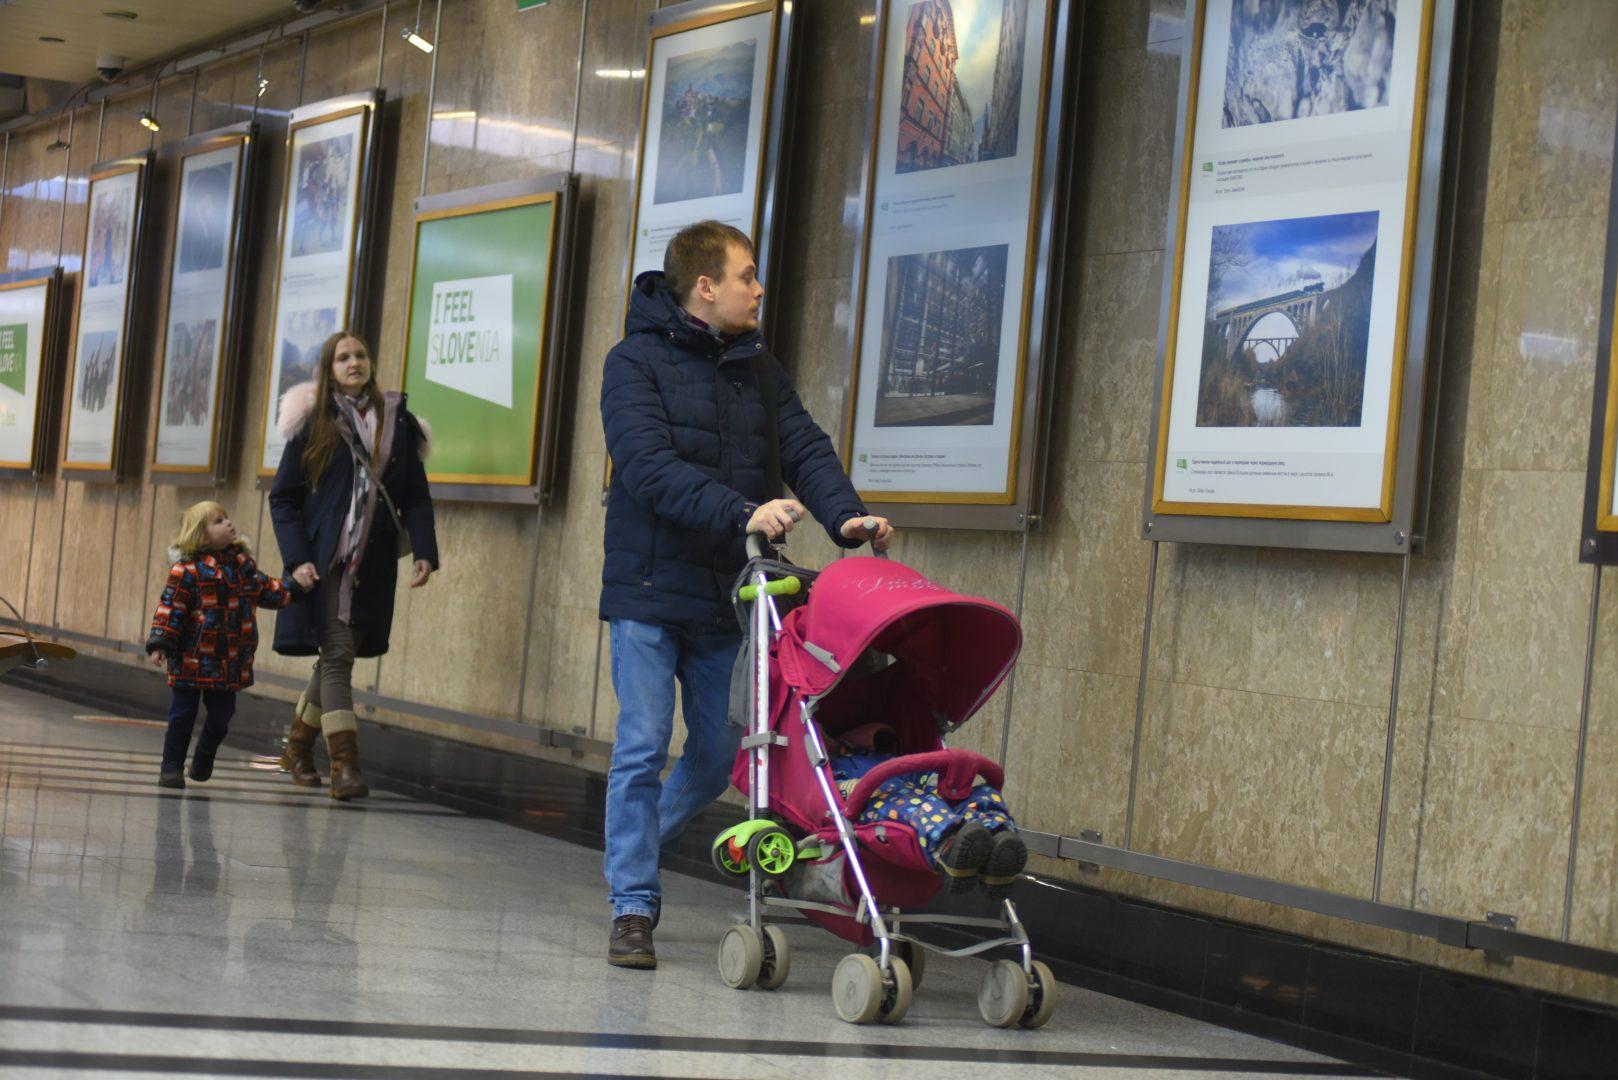 Выставку современного искусства открыли в Московском метрополитене. Фото: Александр Кожохин, «Вечерняя Москва»